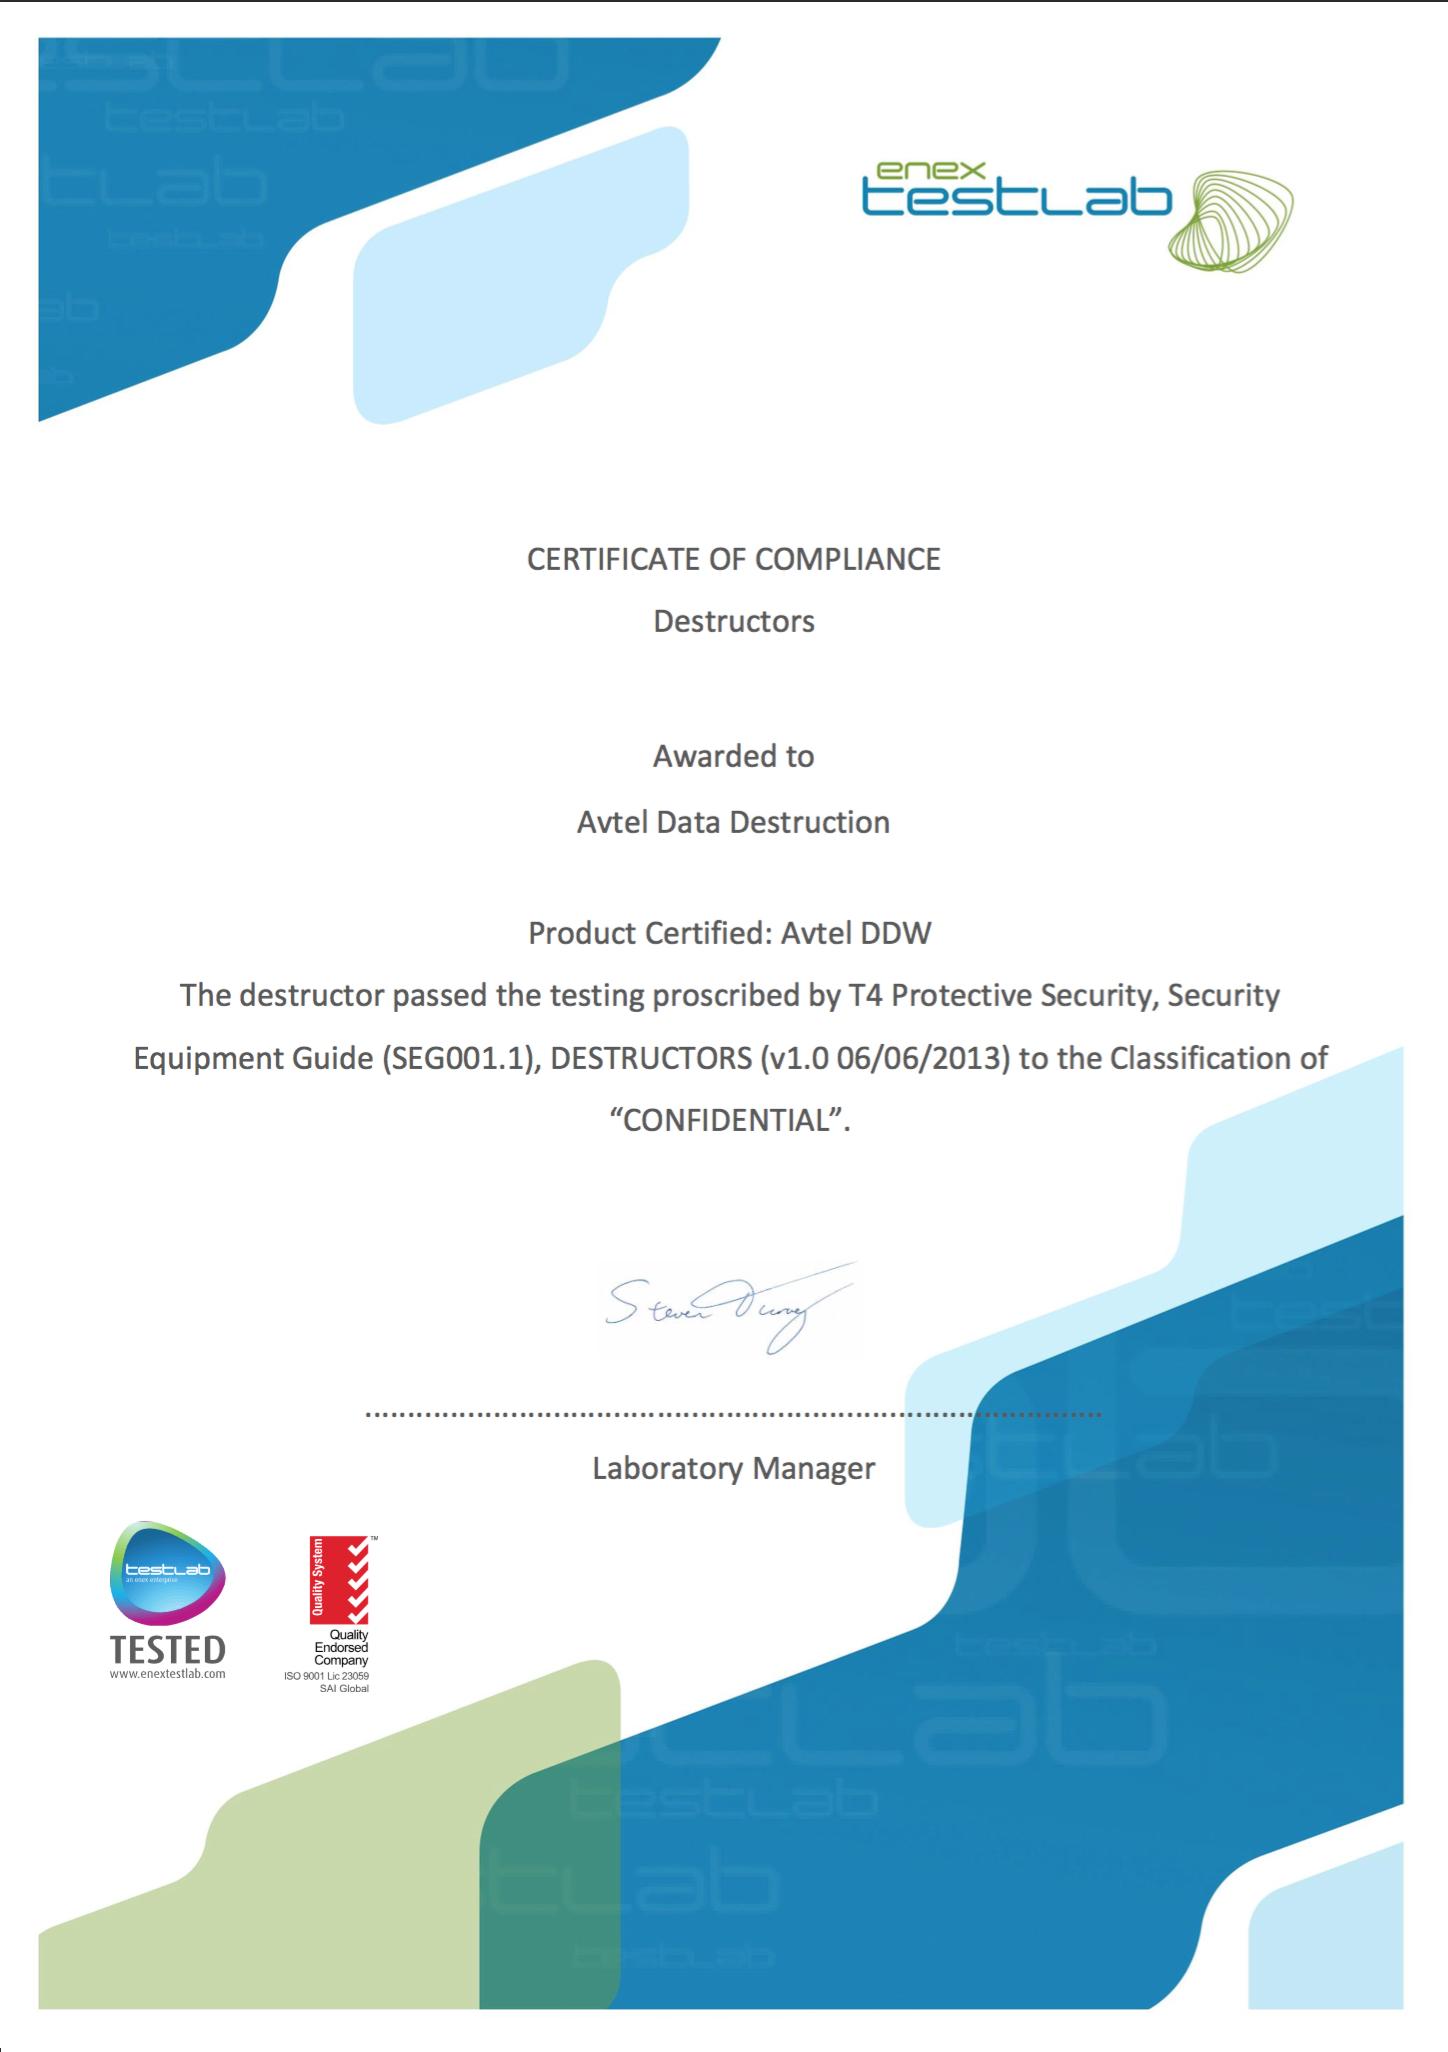 Avtel Destructor Certificate 2017.png